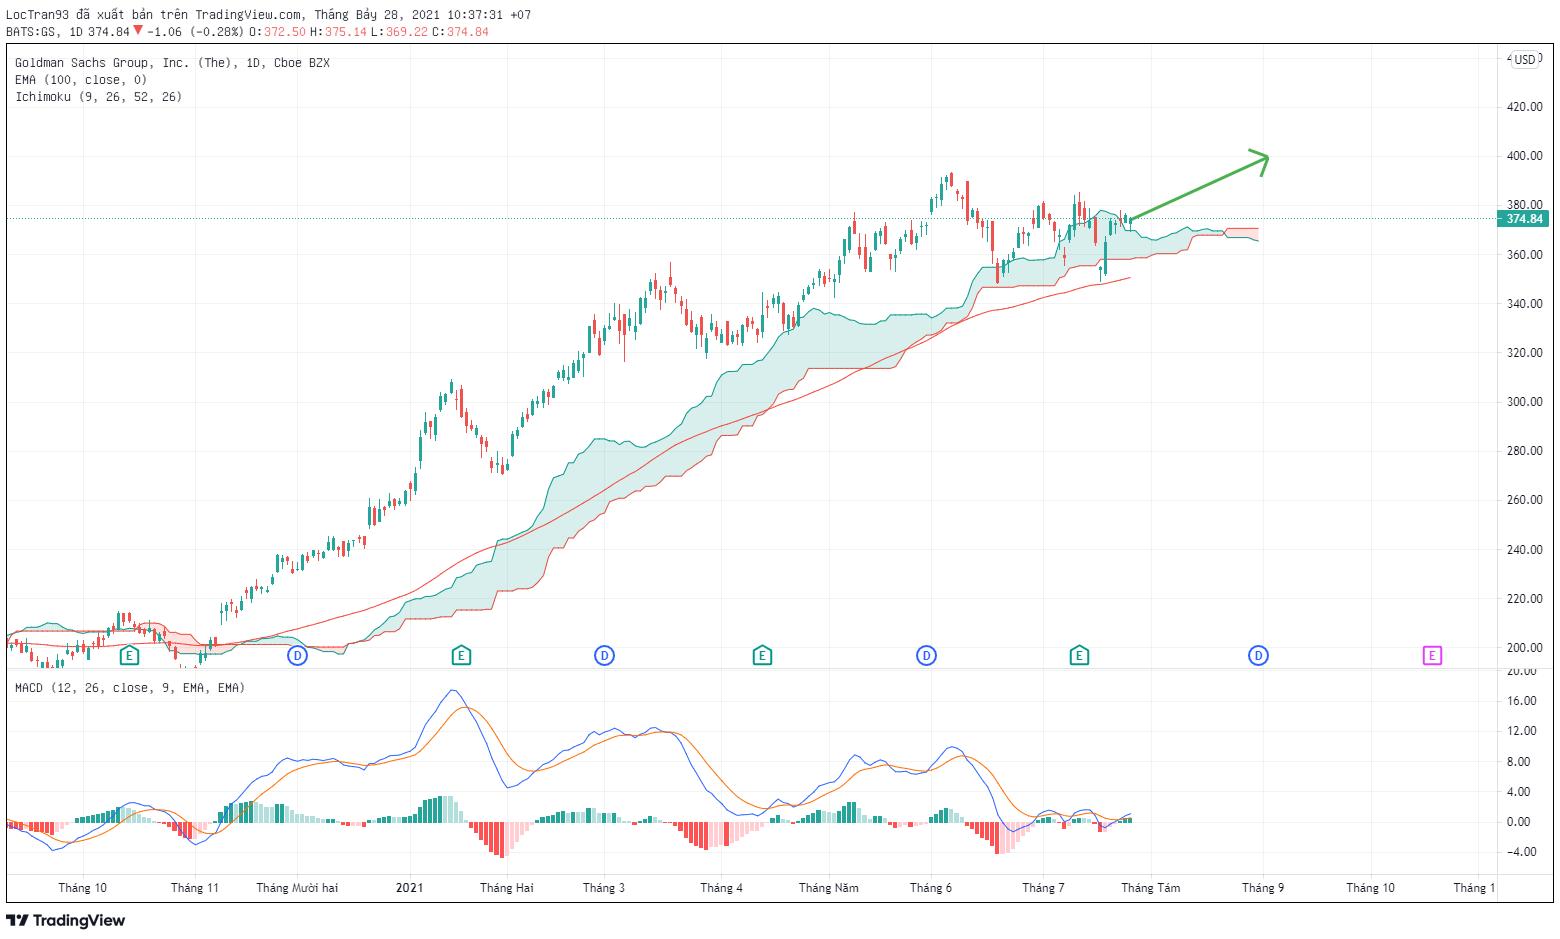 Biểu đồ cổ phiếu Goldman Sachs khung D1